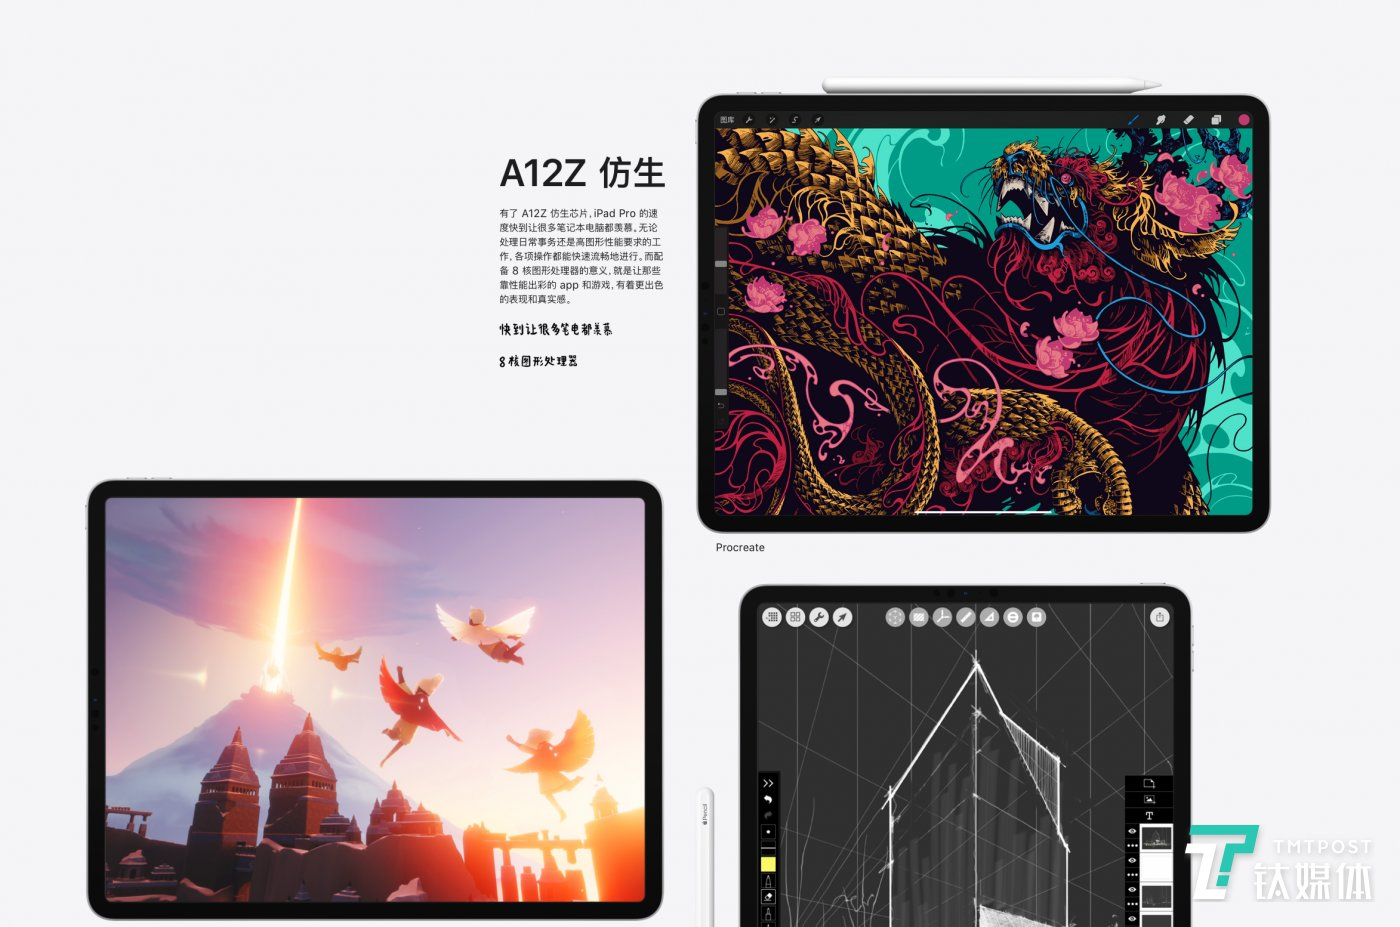 新款的iPad Pro搭载了A系列最强劲的A12Z仿生芯片